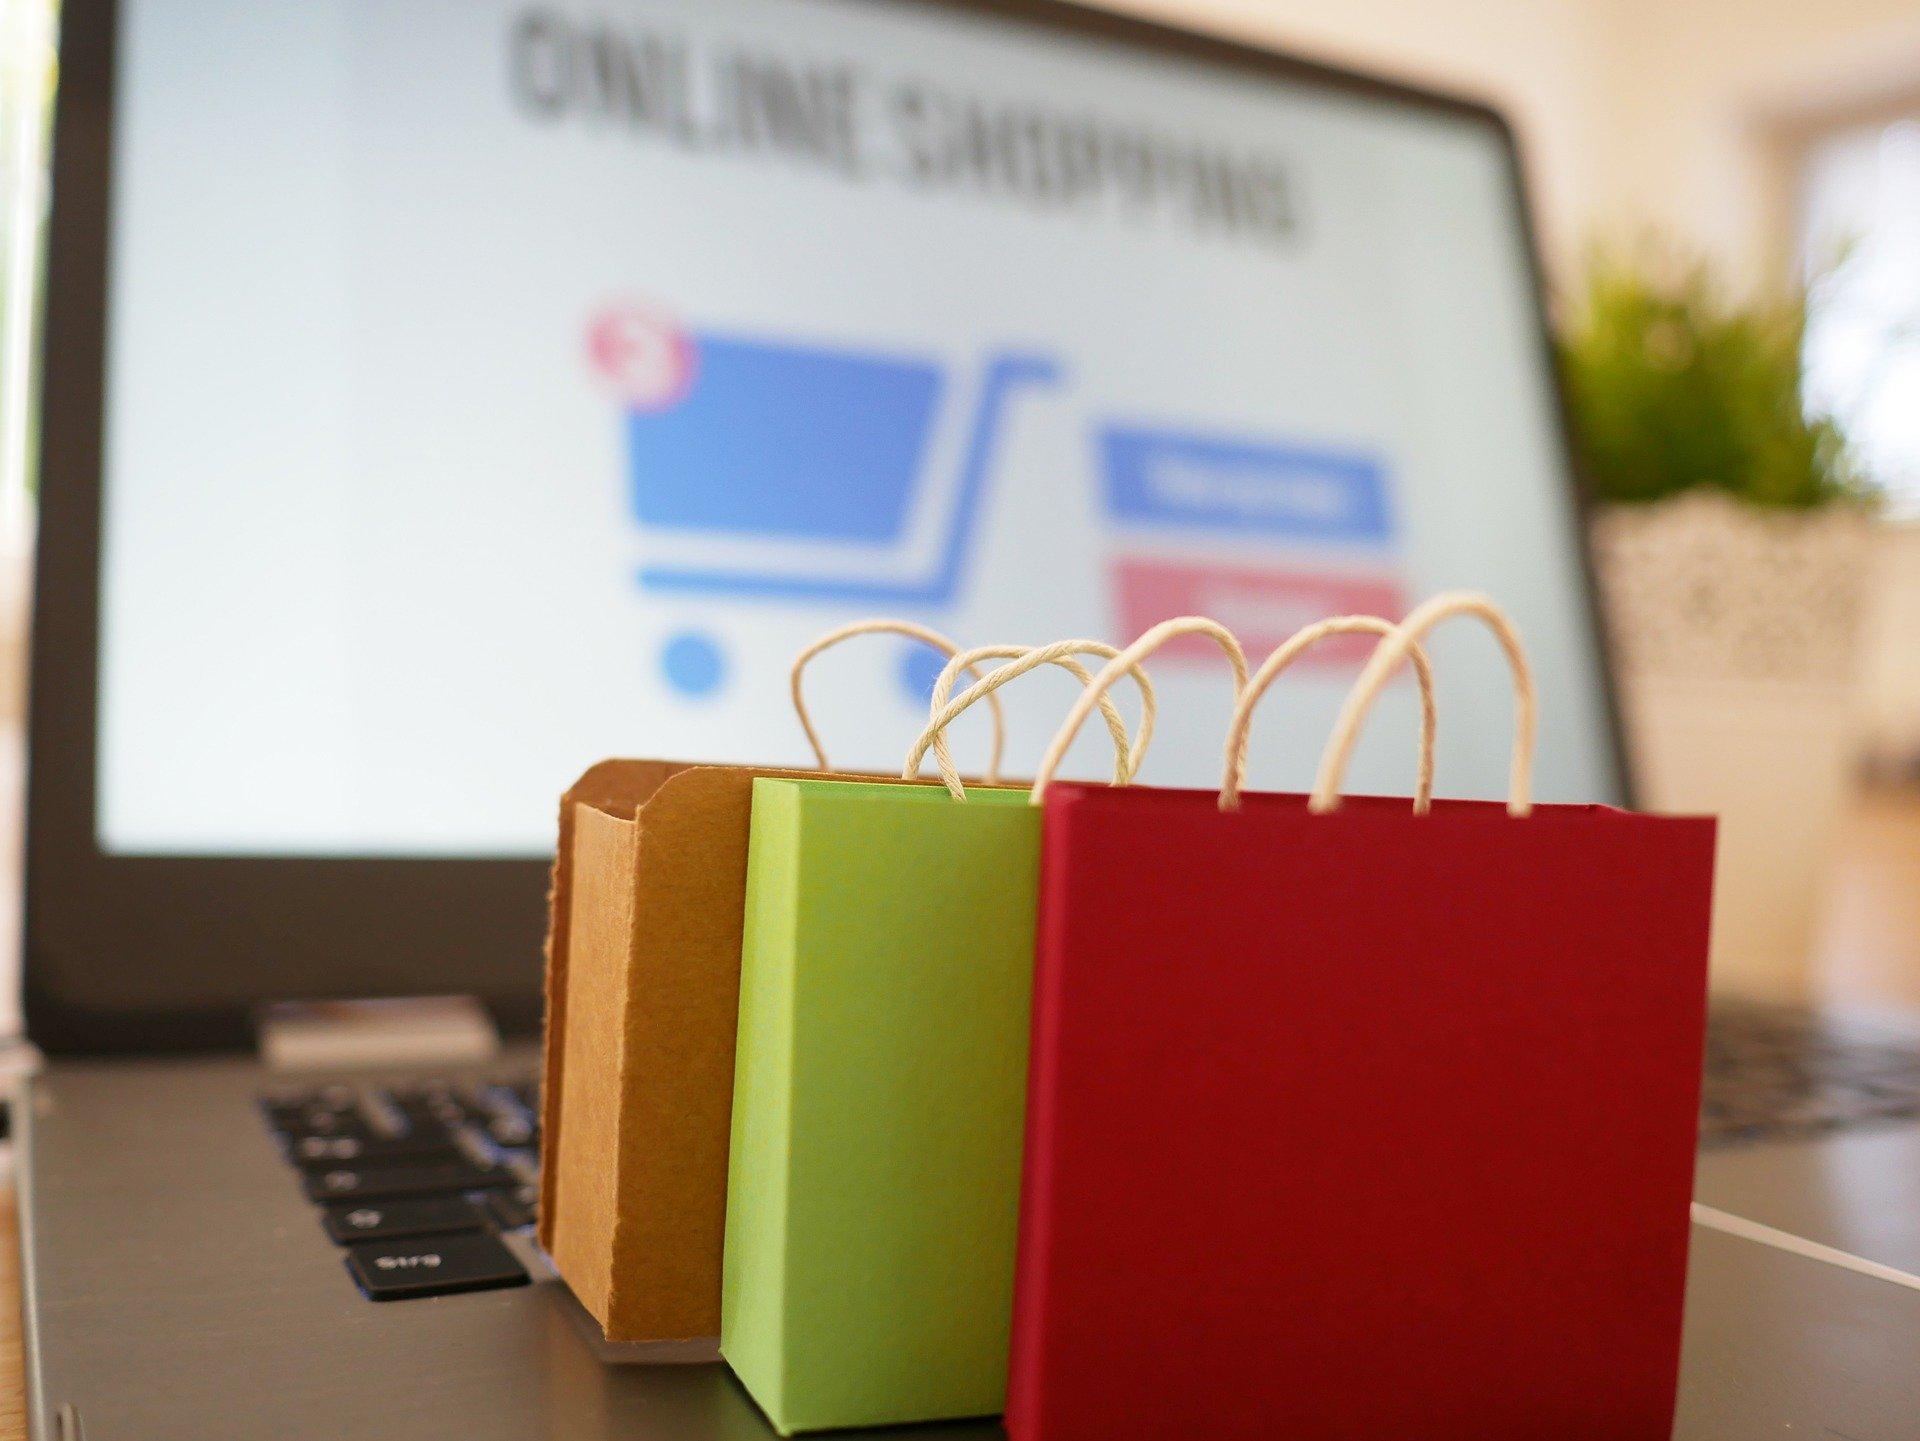 ベトナム:オンライン・デリバリー・サービスの急成長